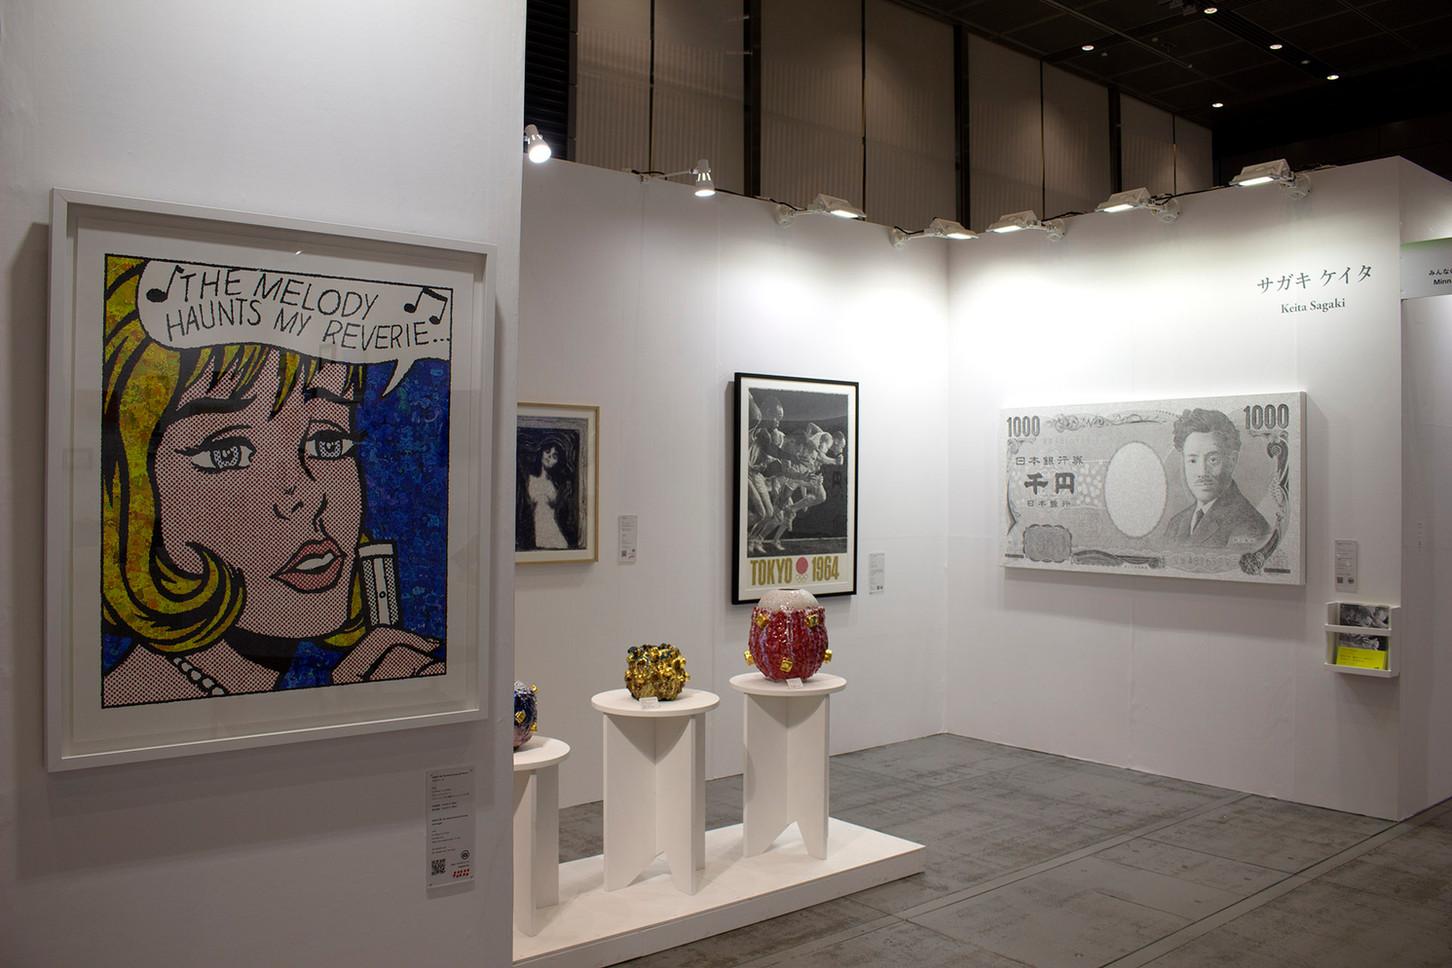 Minnano Gallery at ART FAIR TOKYO 2019